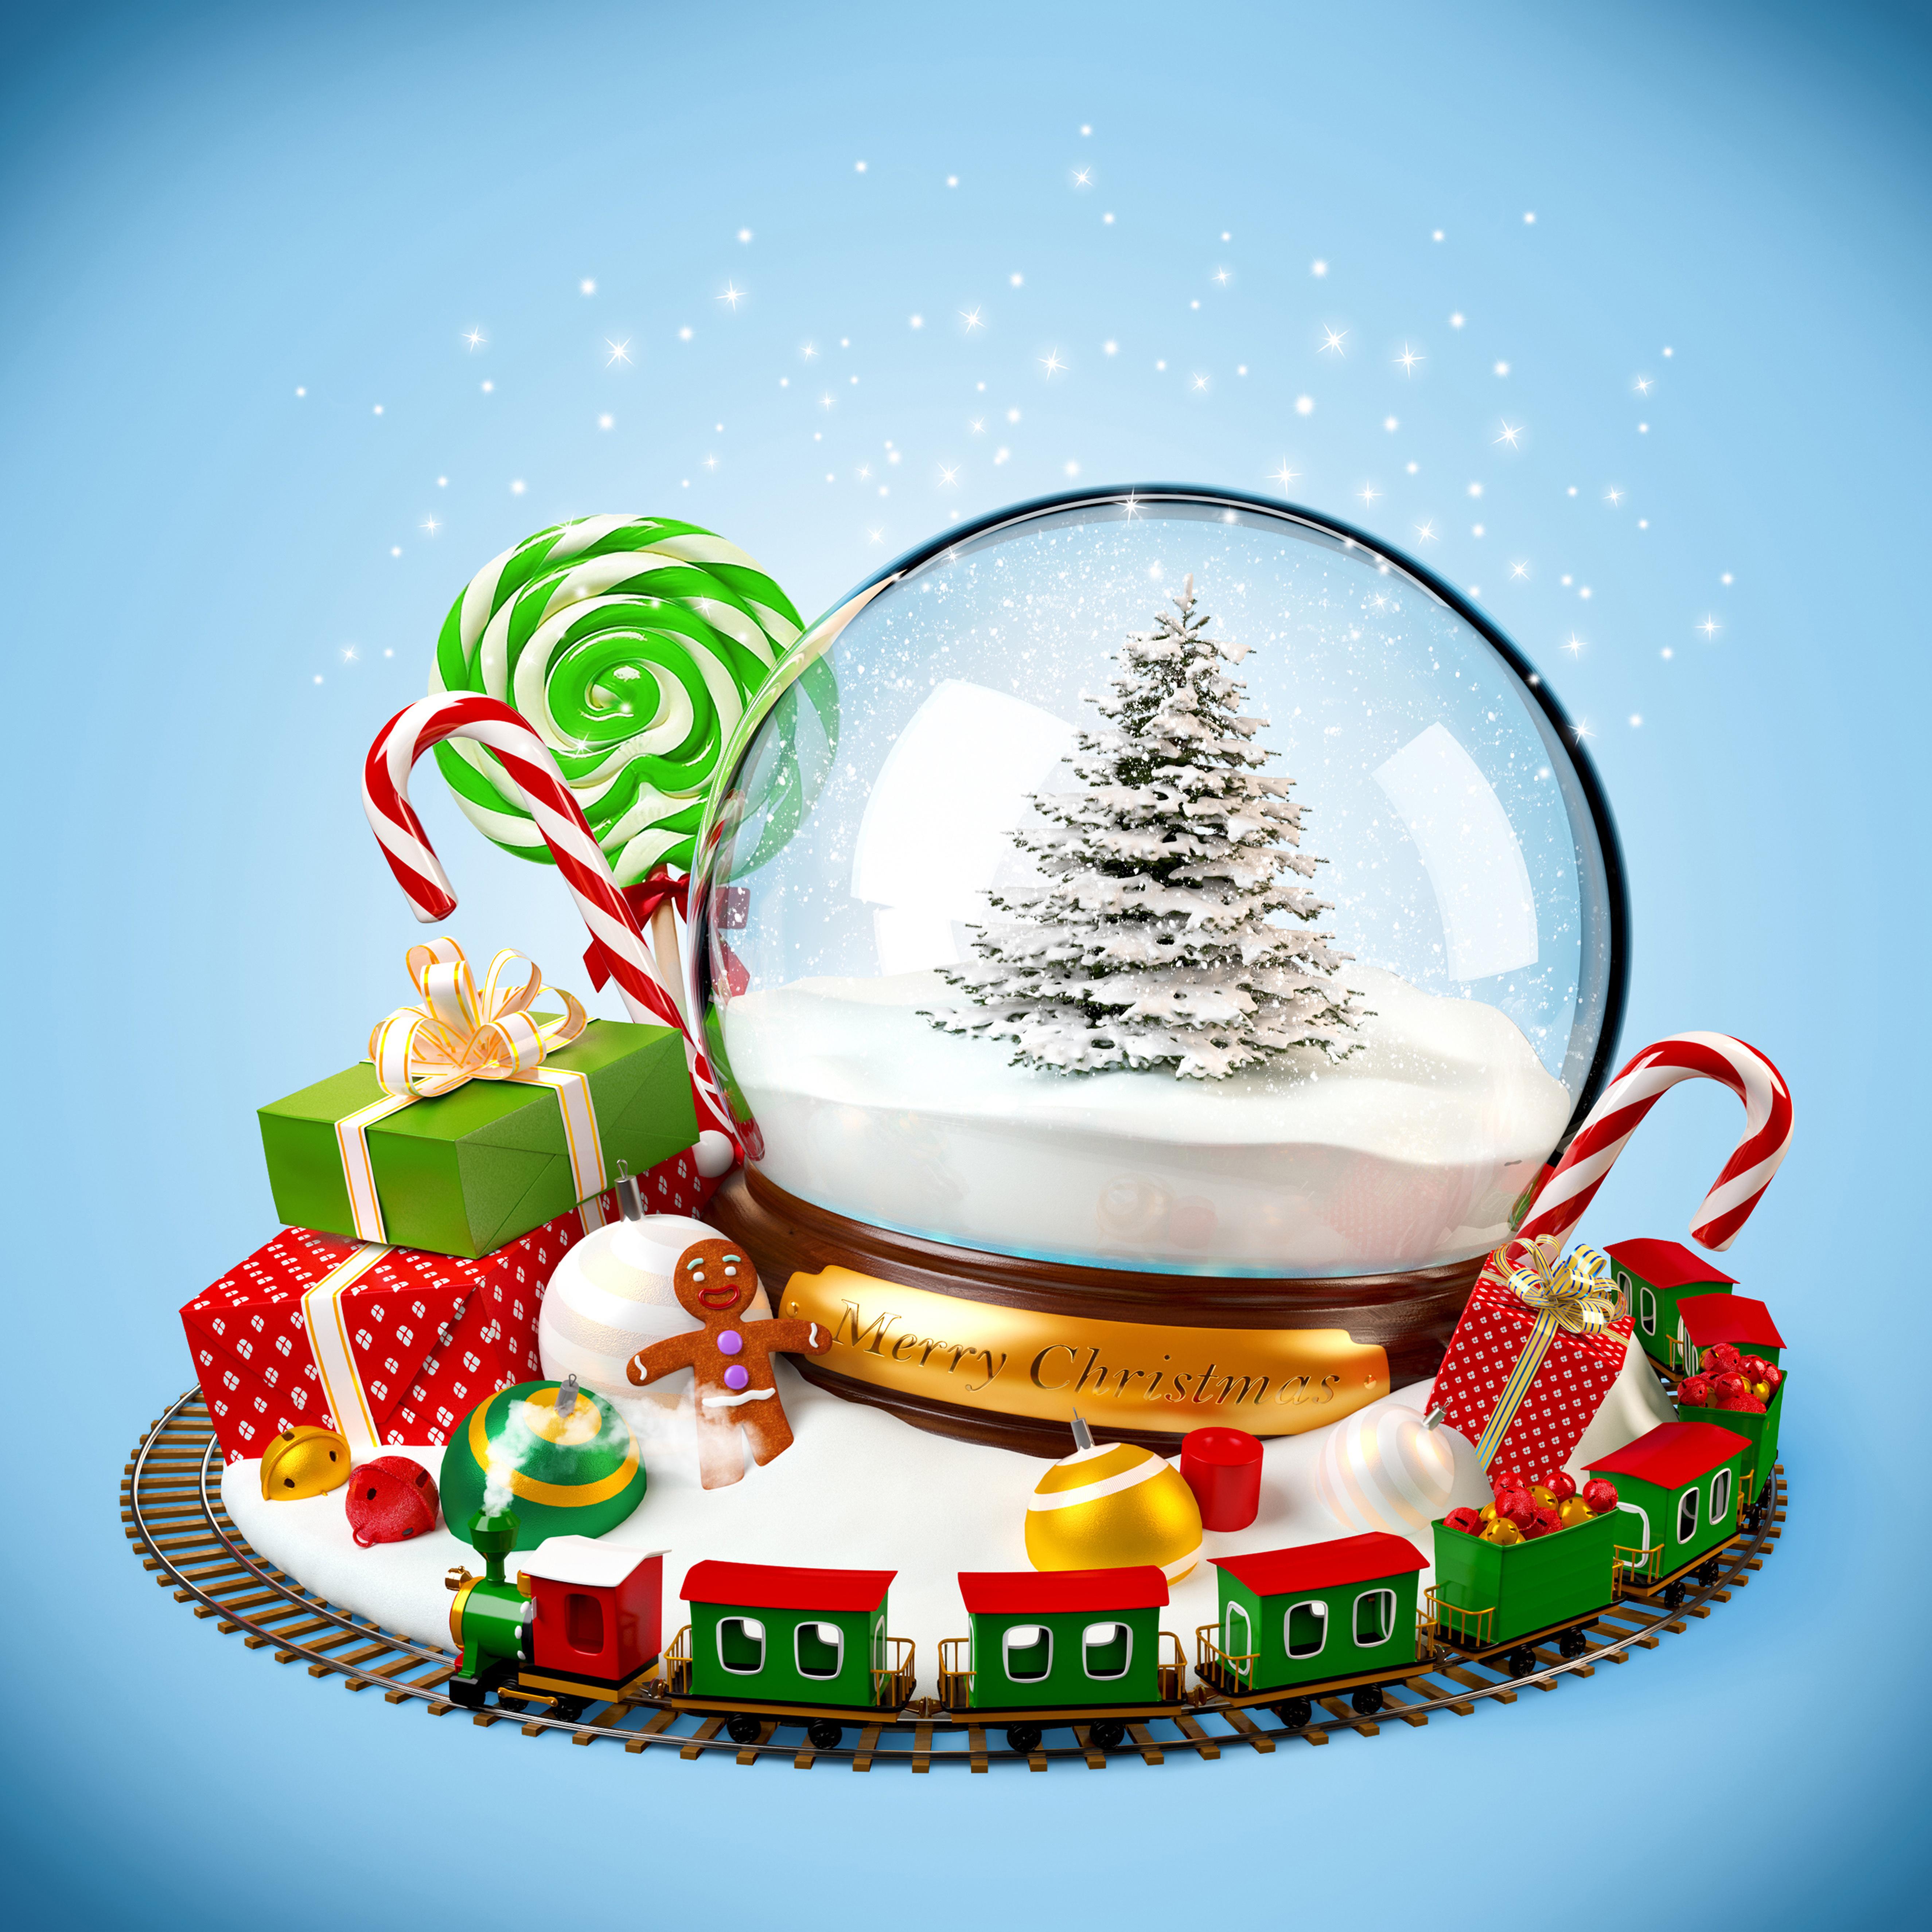 праздник поезд игрушка ель рождество новый год без смс